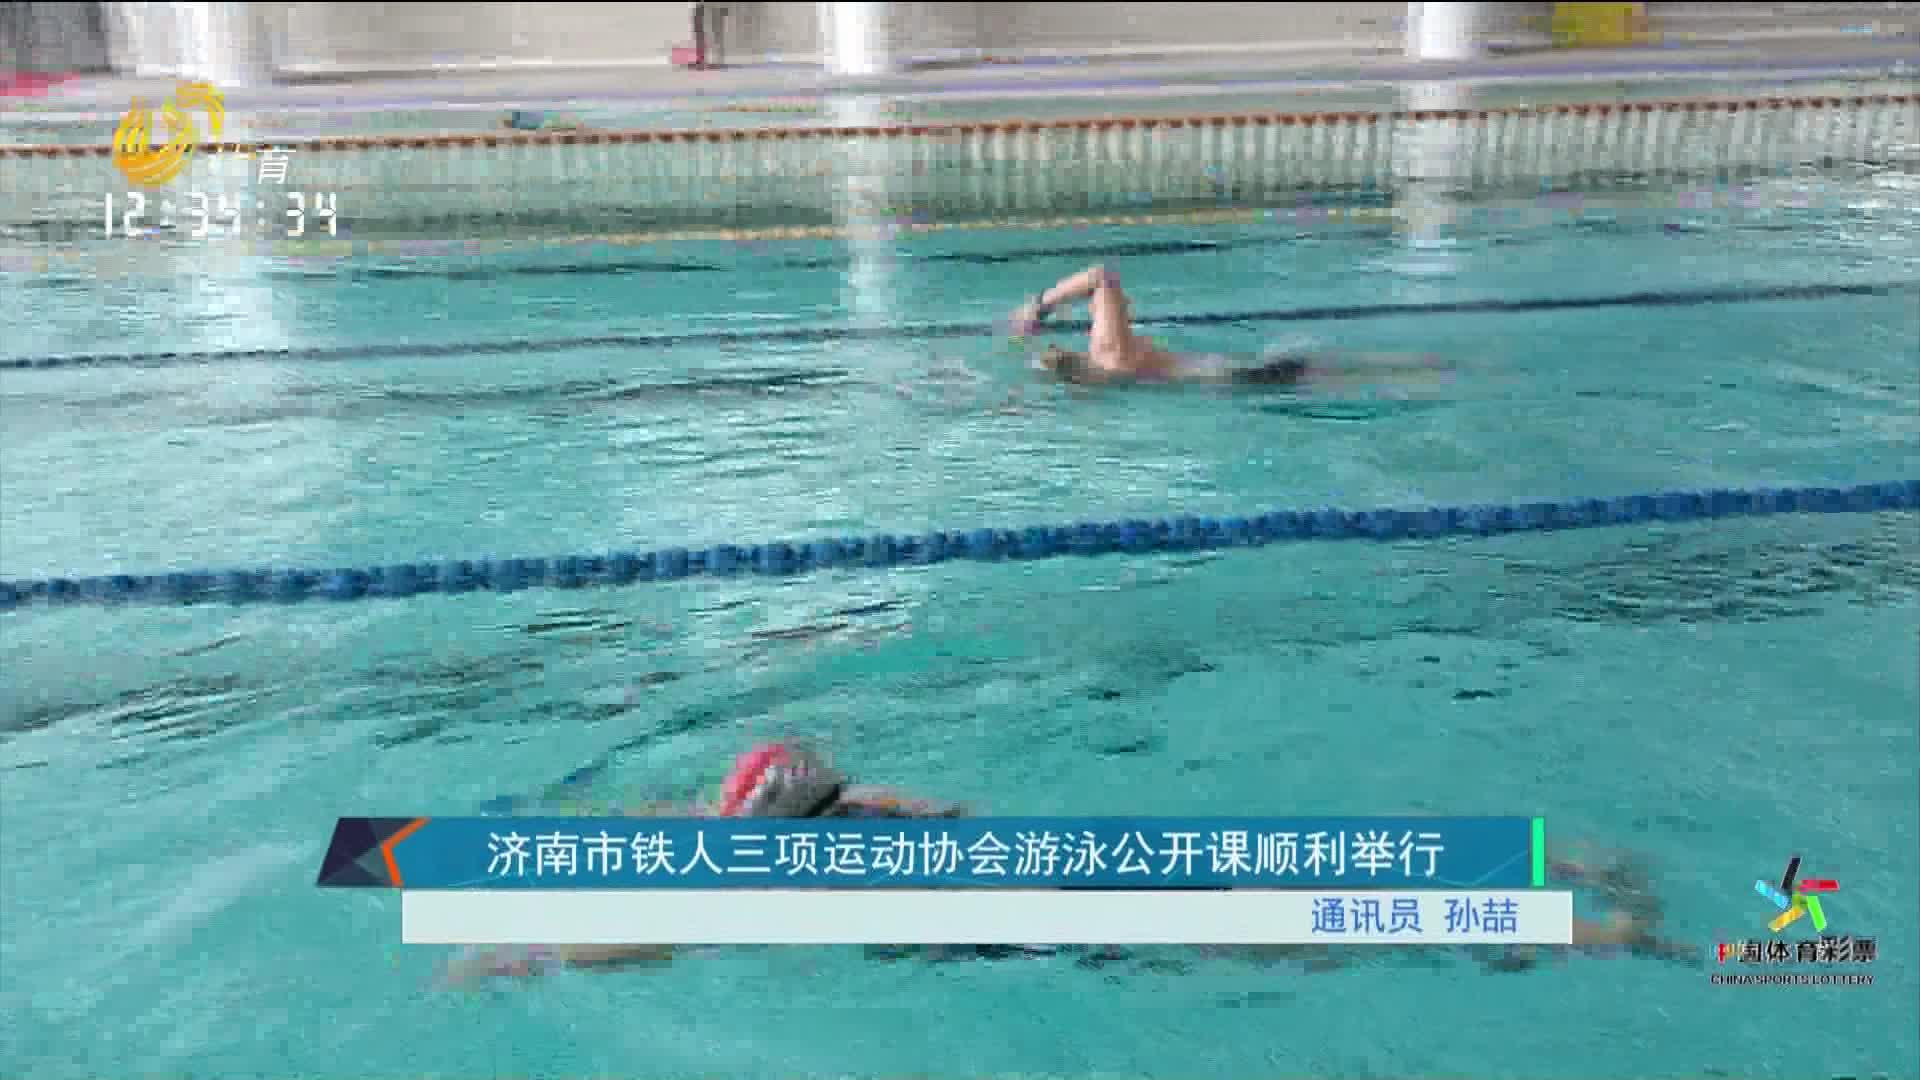 济南市铁人三项运动协会游泳公开课顺利举行